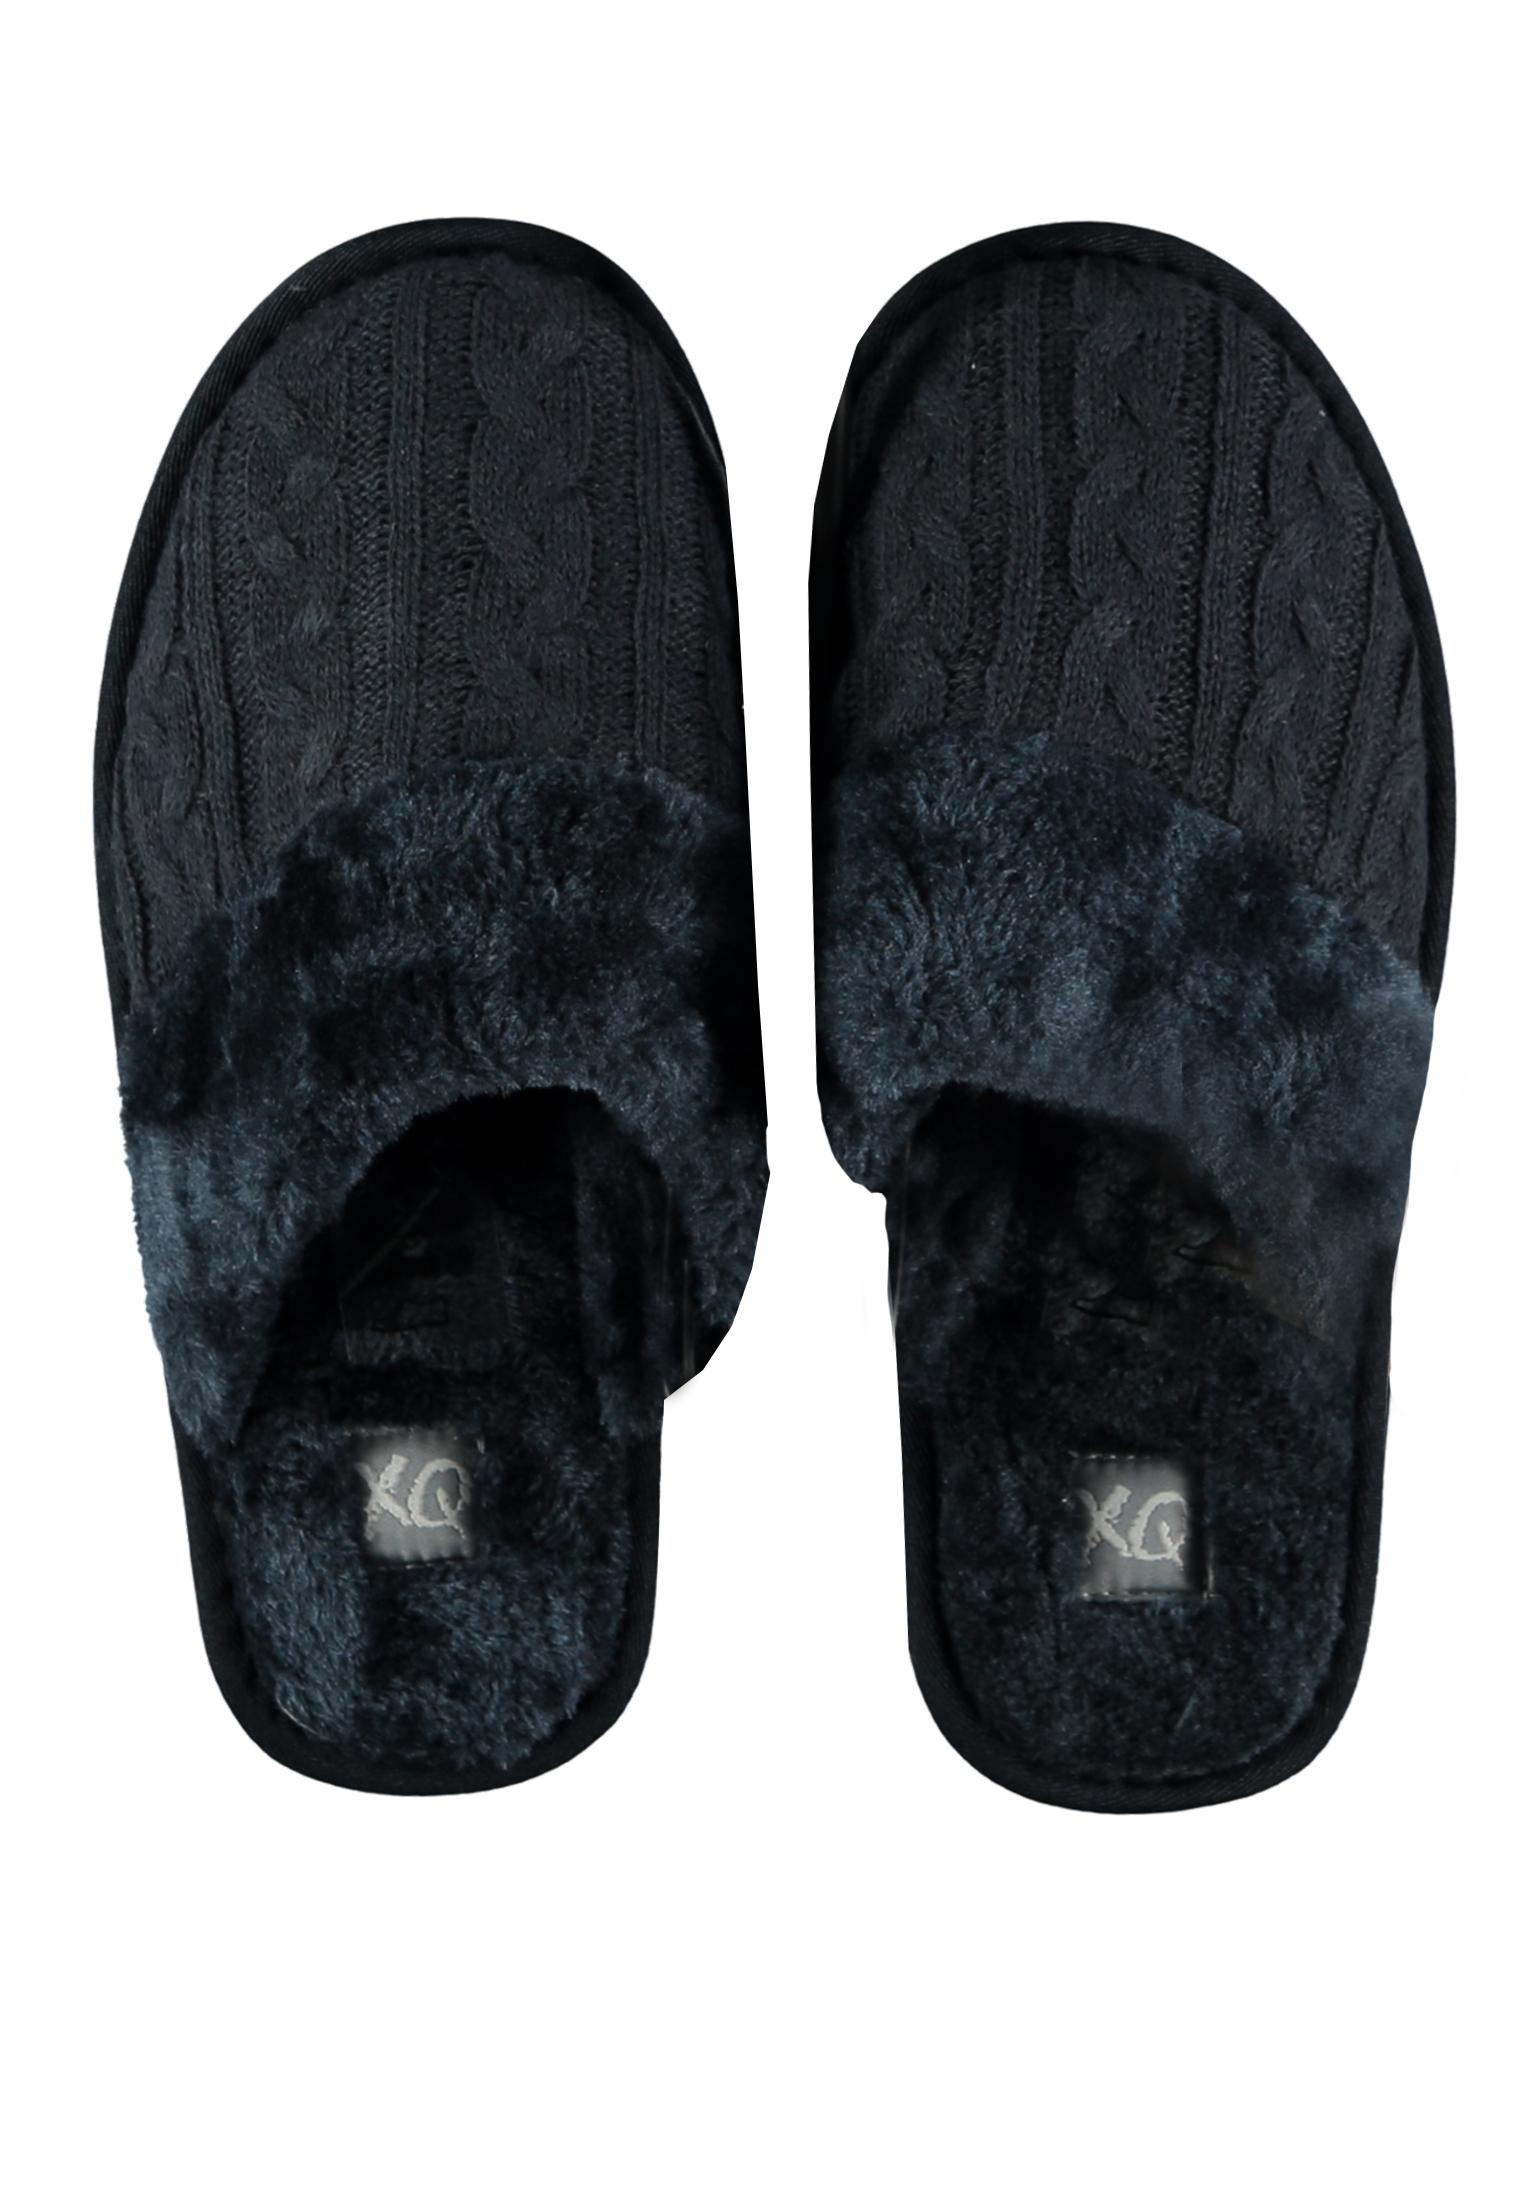 Mooie pantoffels met (nep) bont van het merk Appolo. Leuke blauwe pantoffels voor lekkere warme voeten in de herfst en winter. Lekker zacht en comfortabel voor de voeten.